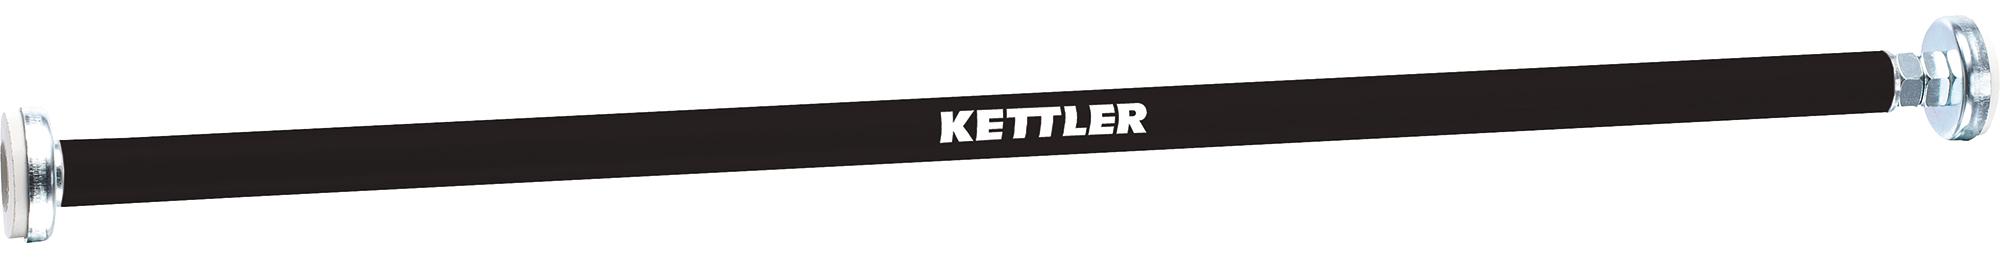 Kettler Турник в дверной проем Kettler